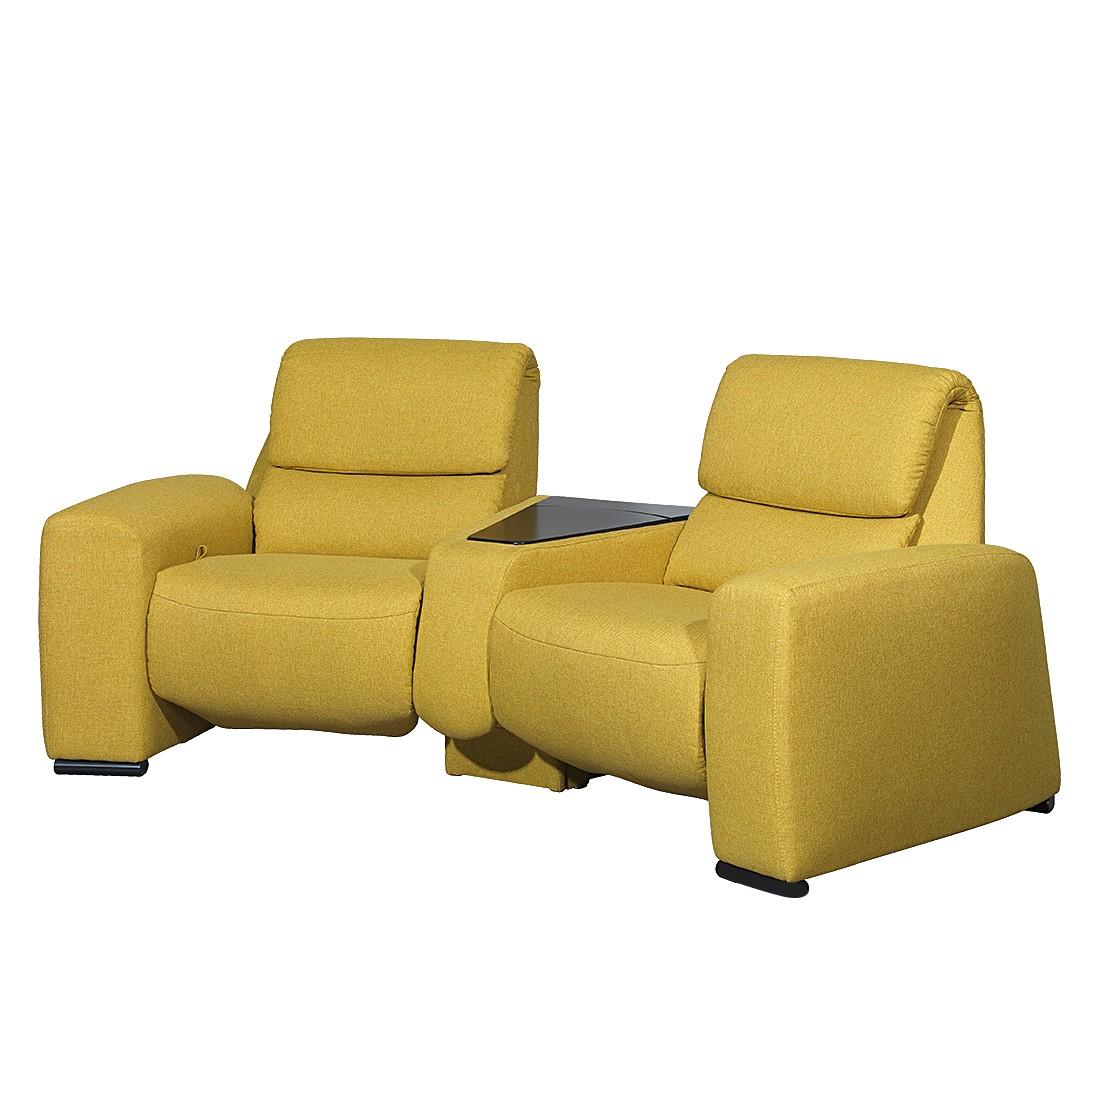 2 sitzer relax preisvergleiche erfahrungsberichte und kauf bei nextag. Black Bedroom Furniture Sets. Home Design Ideas